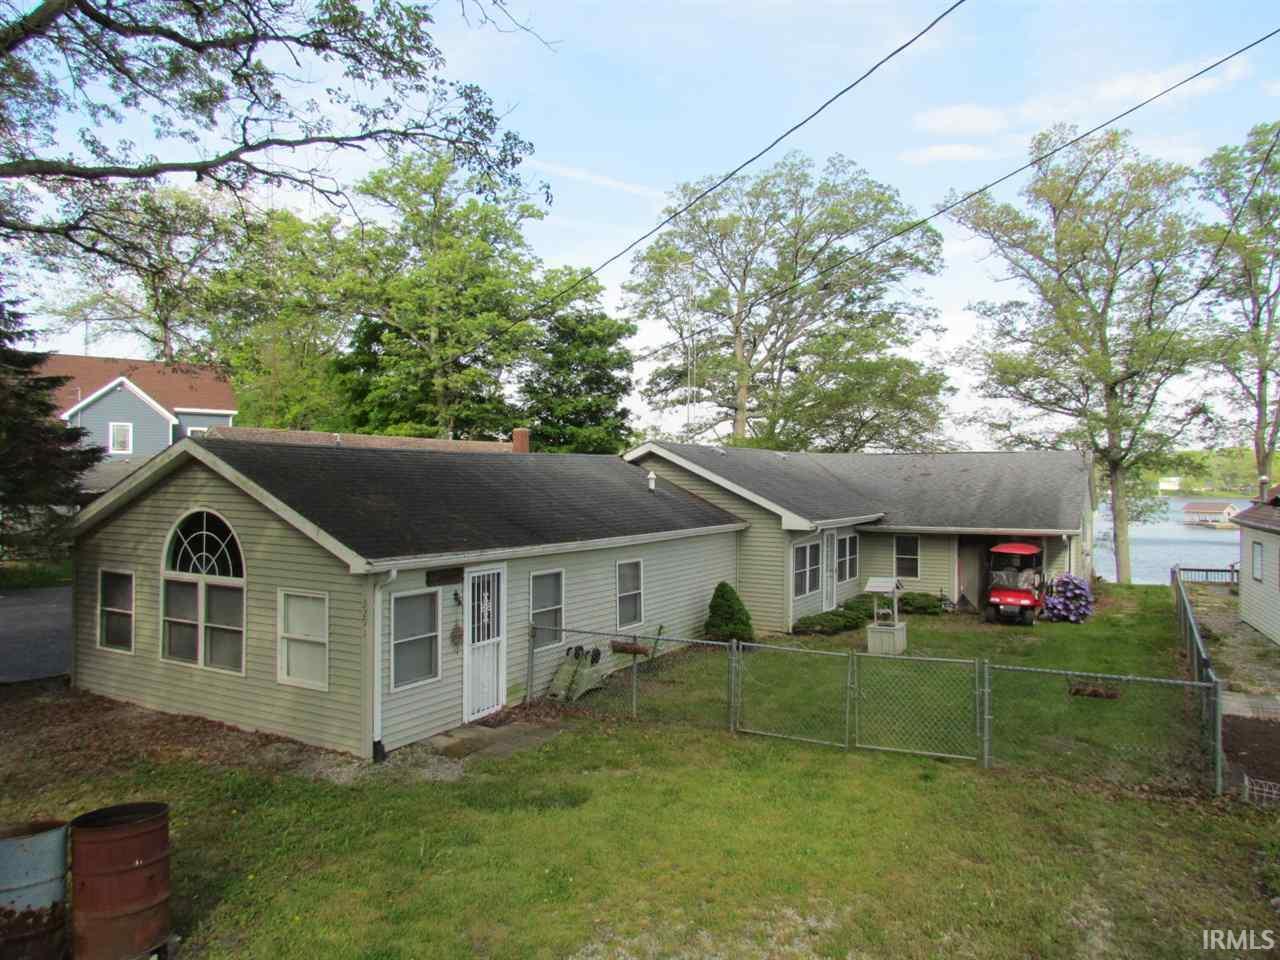 3291 E STAHL, Monticello, IN 47960